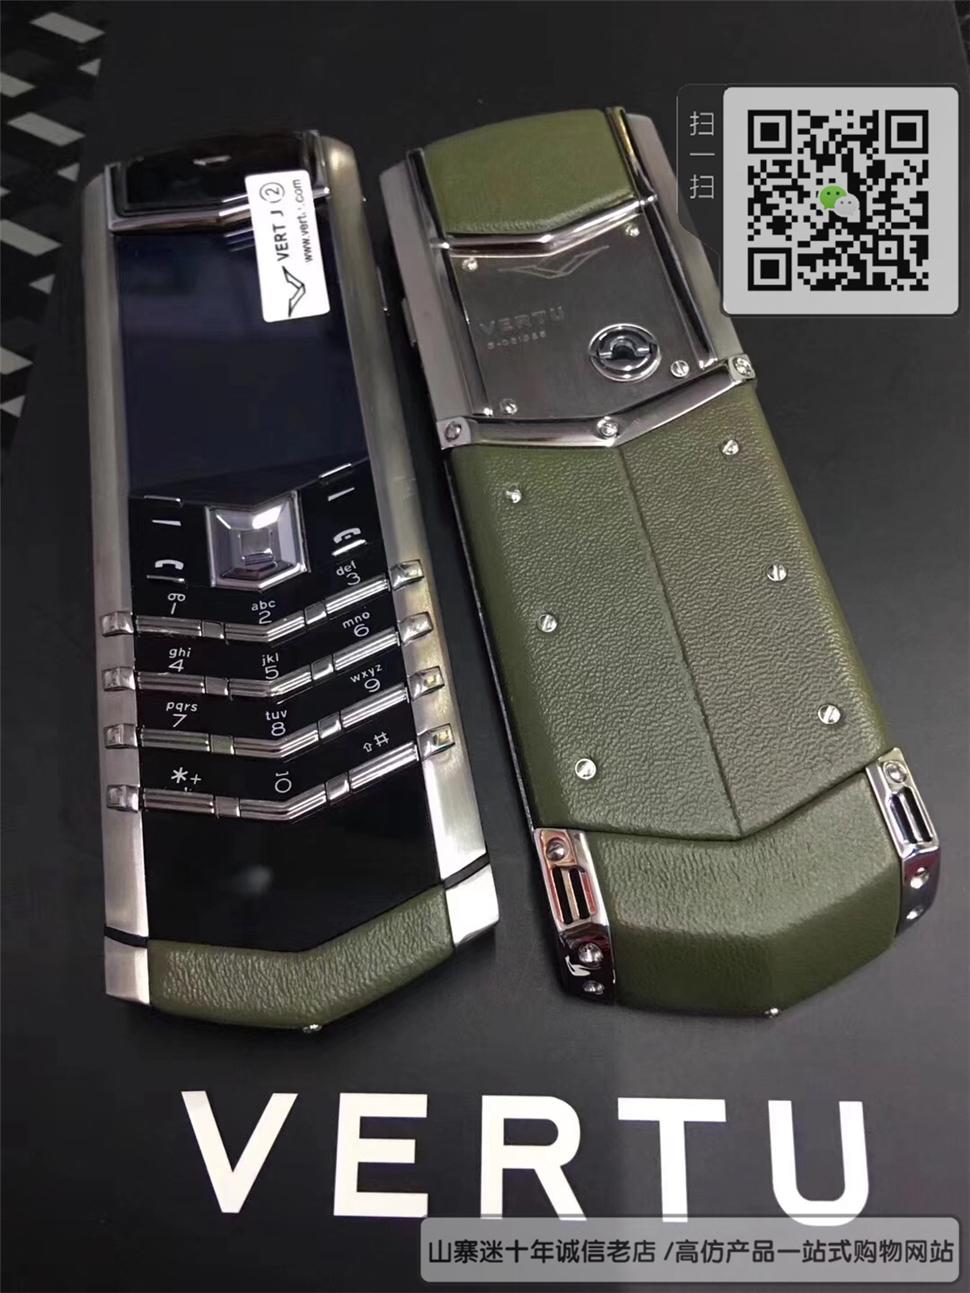 高仿纬图VERTU直板手机-绿色+黑色+银色-小牛皮 ☼